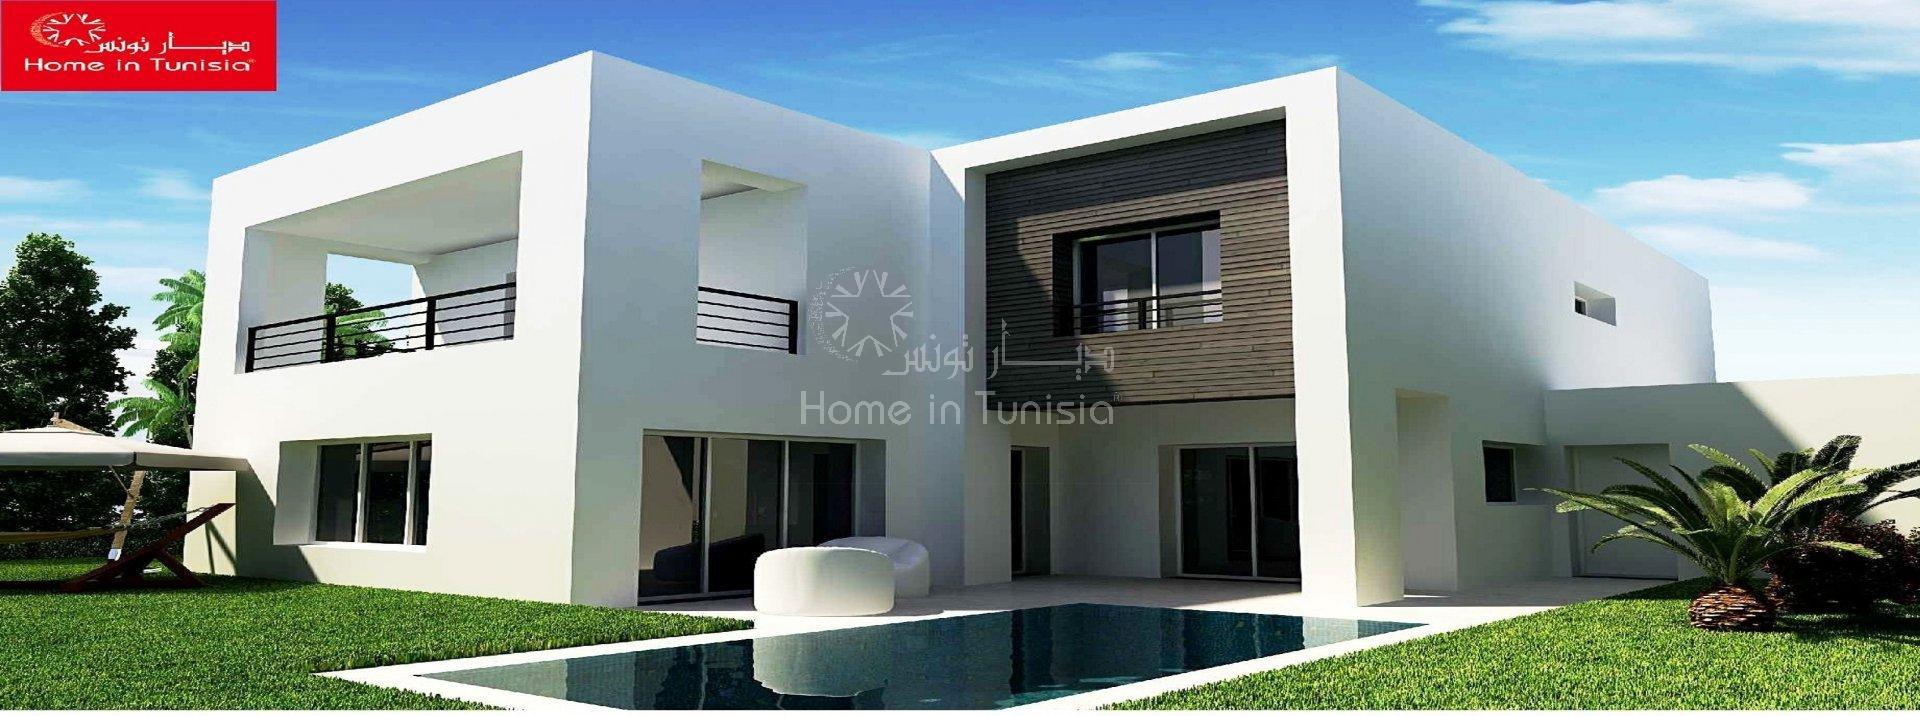 Villa gammarth tunisia 338 380 for Architecture petite maison moderne